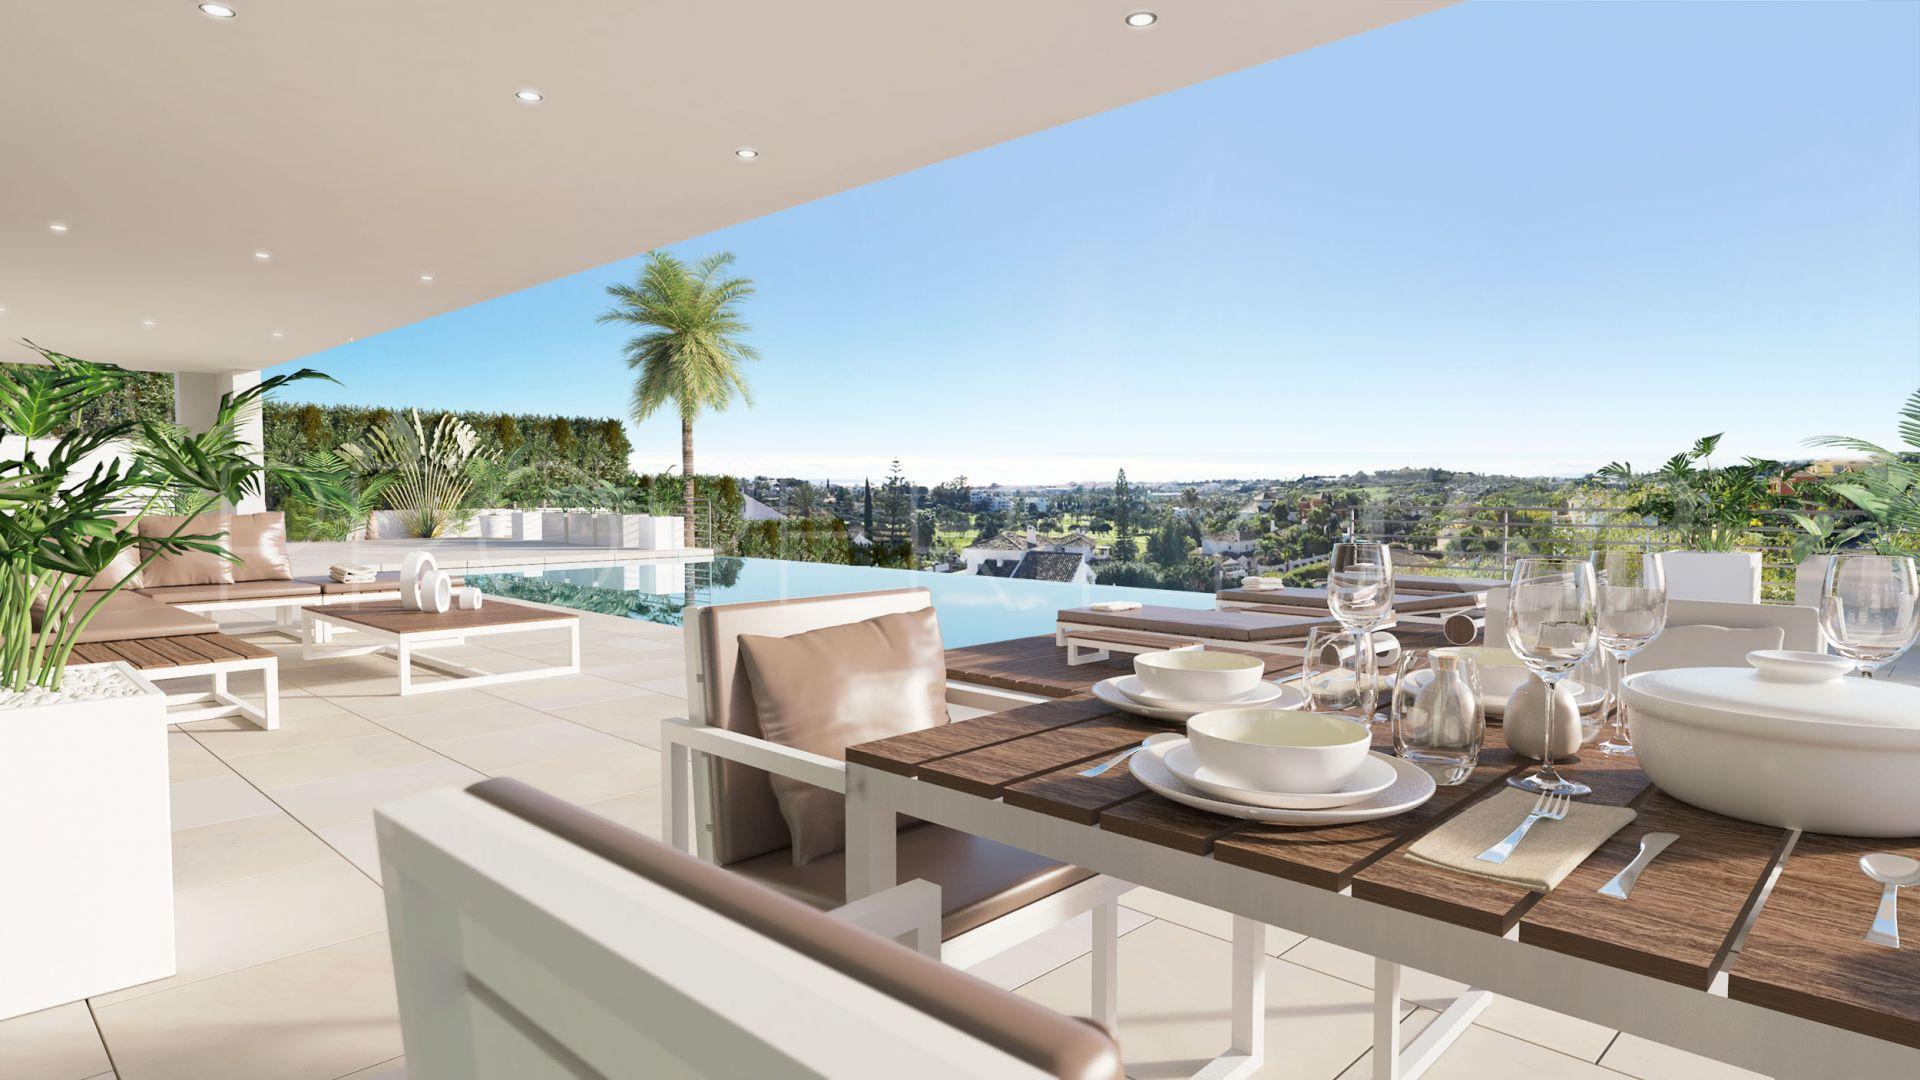 5 bedrooms villa for sale in haza del conde terra meridiana. Black Bedroom Furniture Sets. Home Design Ideas